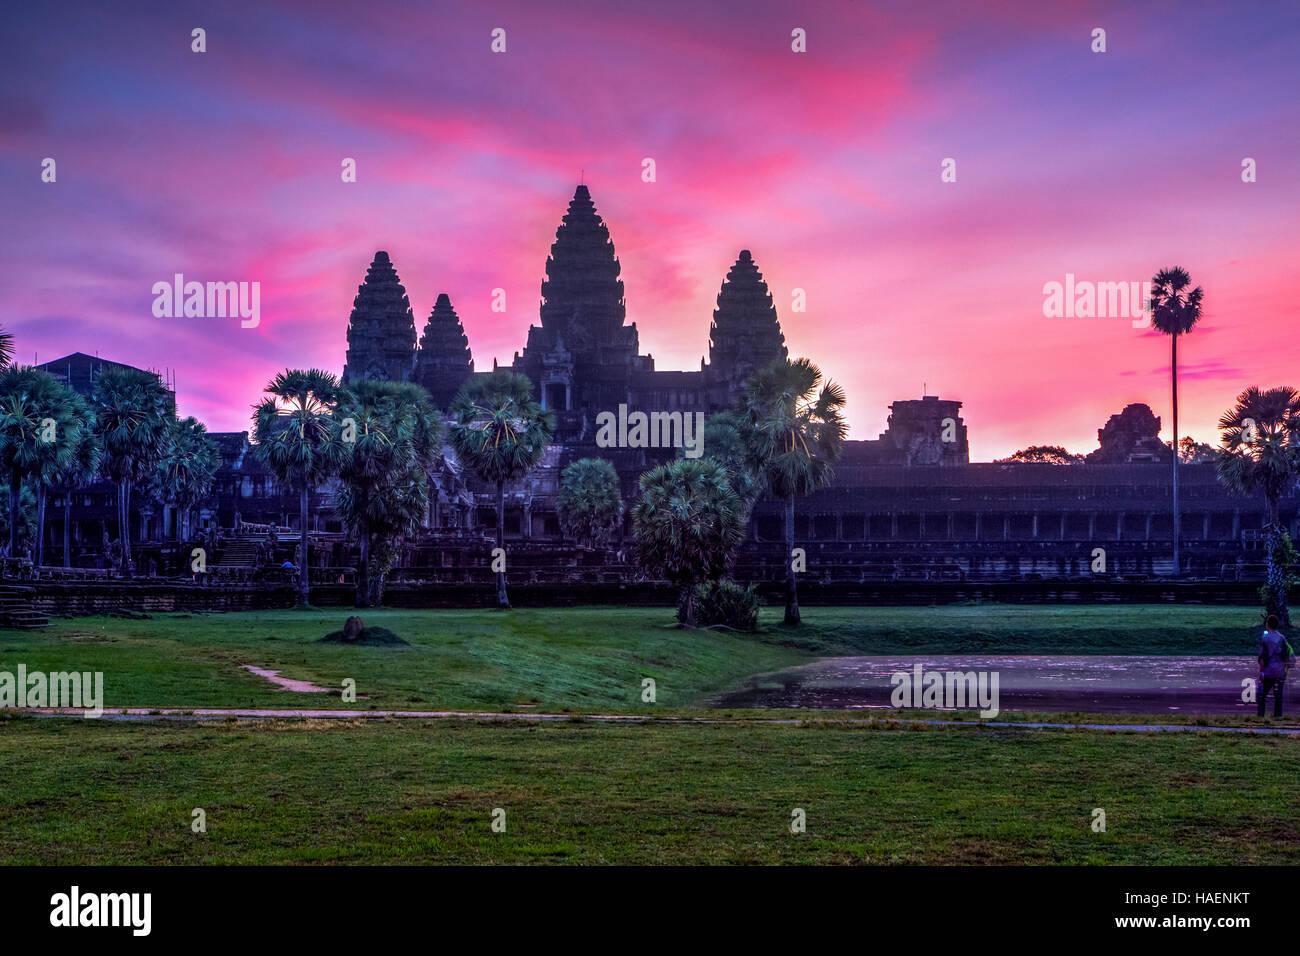 Vivace e colorato sunrise a Angkor Wat, Regno di Cambogia. Immagini Stock